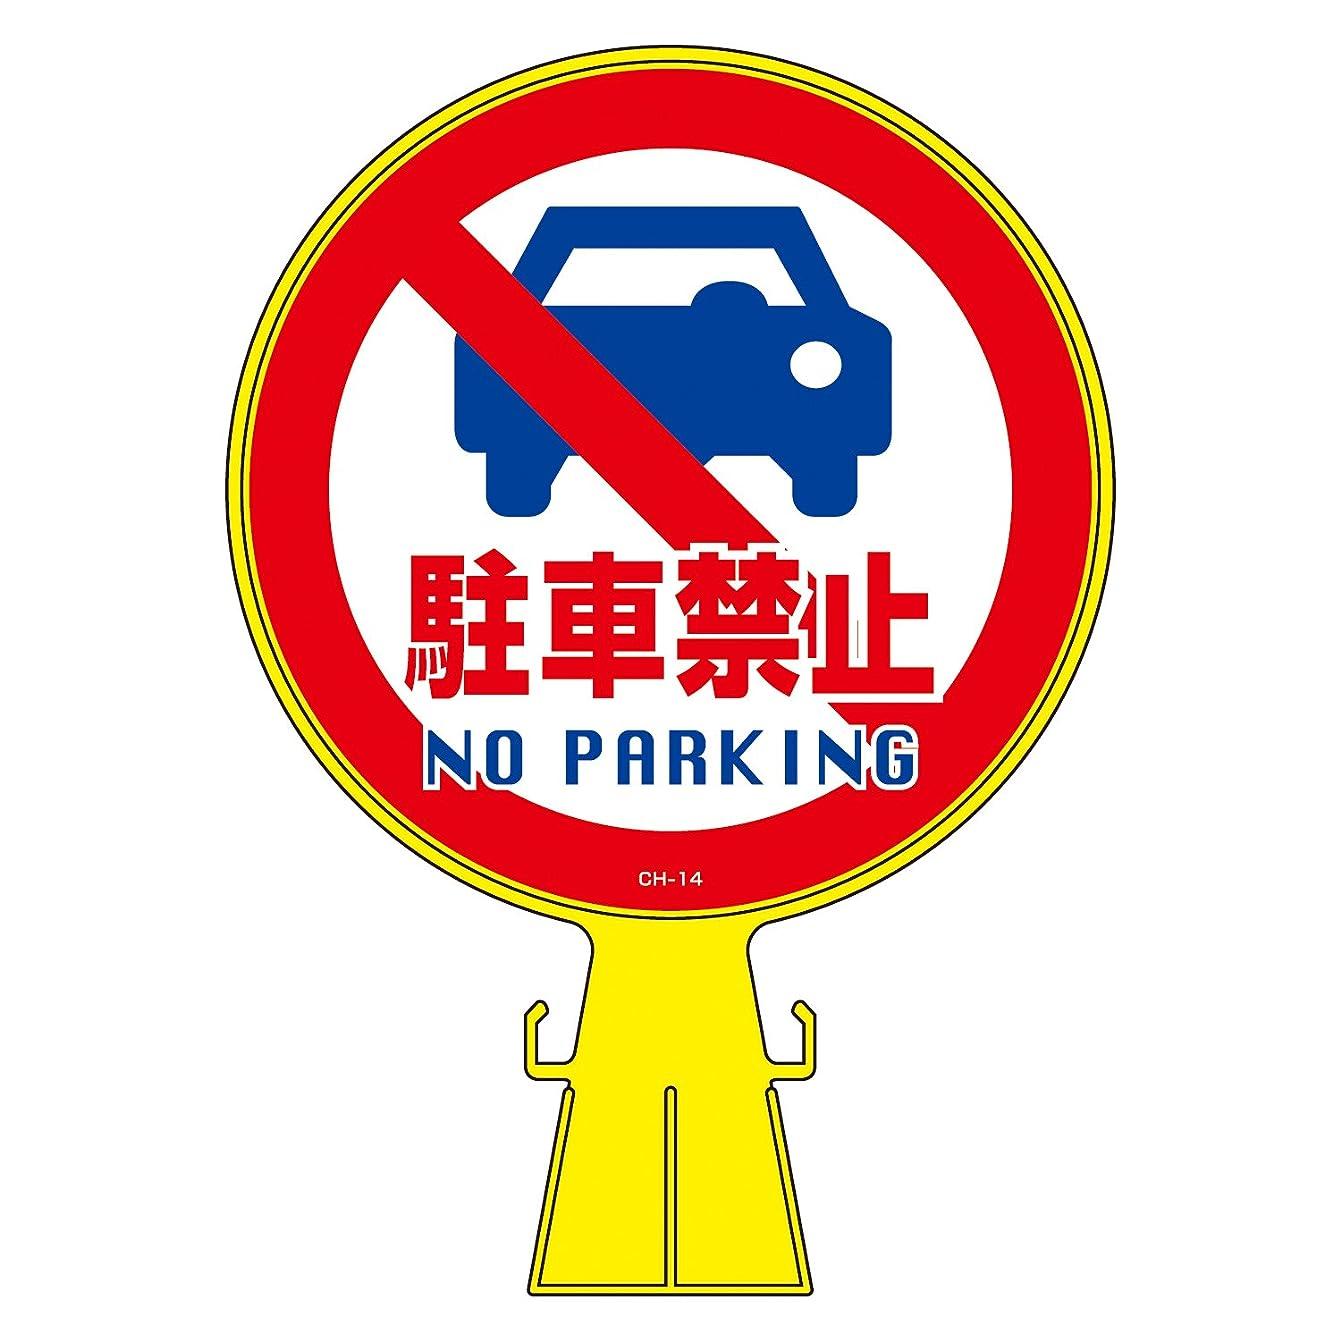 出身地息切れピボット緑十字 コーンヘッド標識 CH-14 駐車禁止 119014